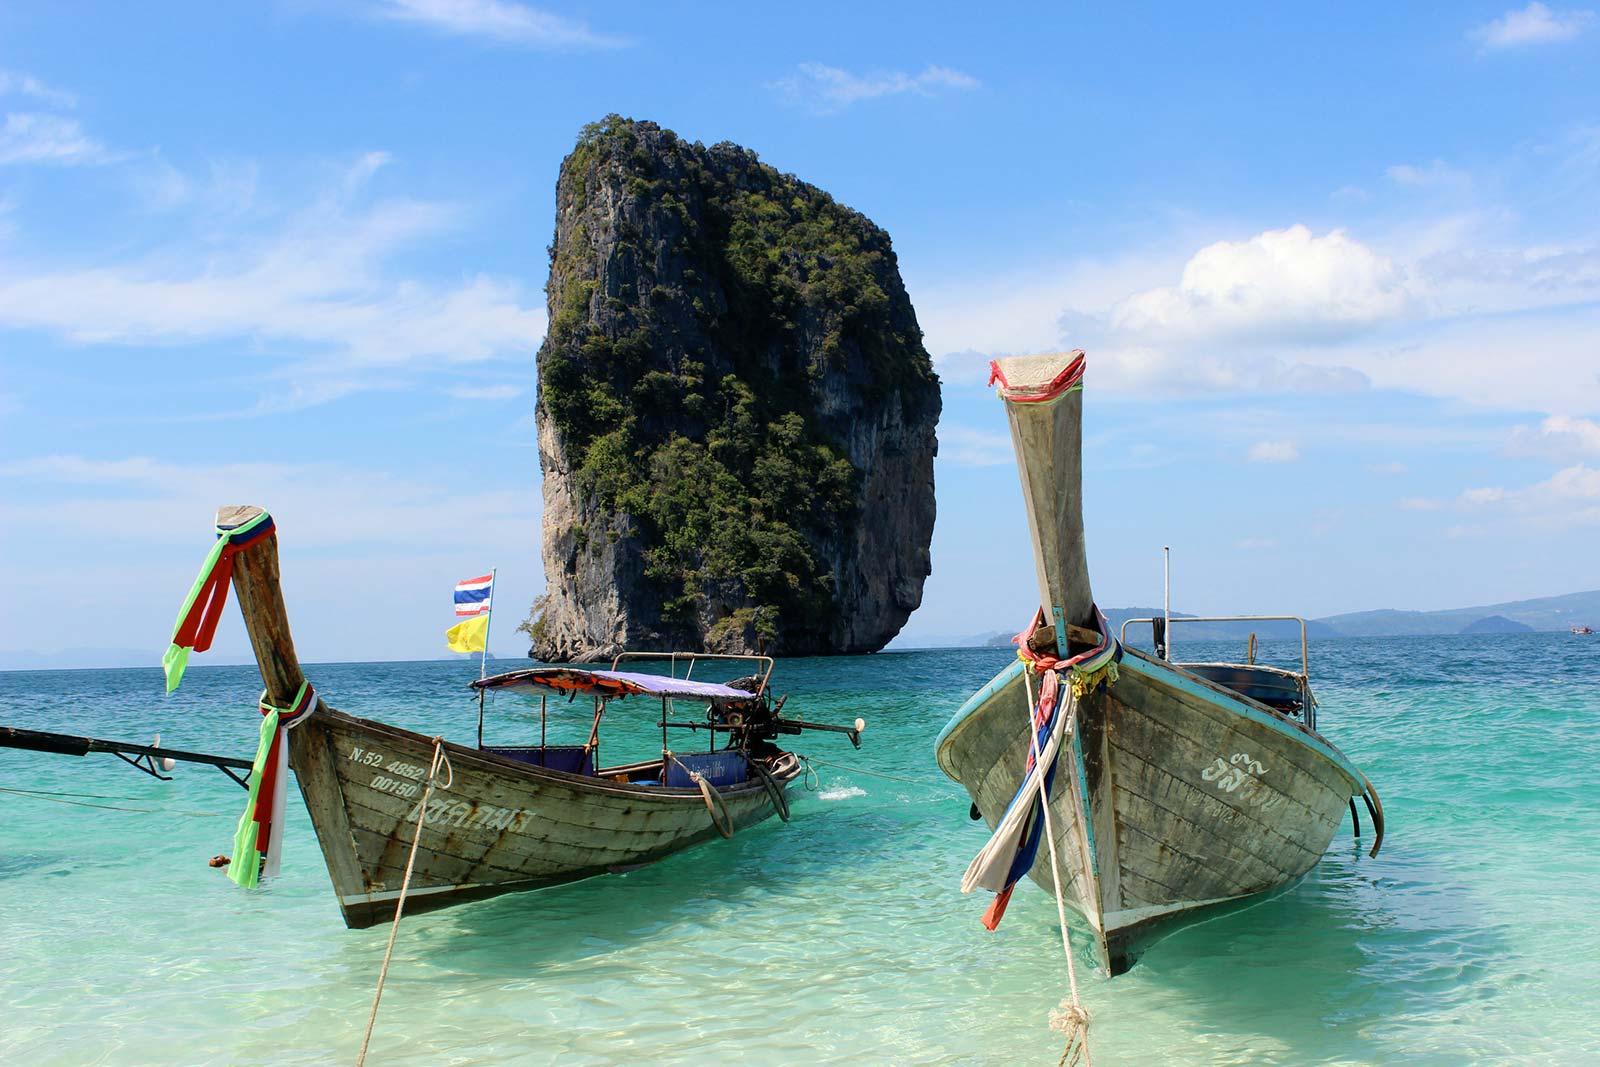 Общественная лодка в Таиланде - лонгтейл боат